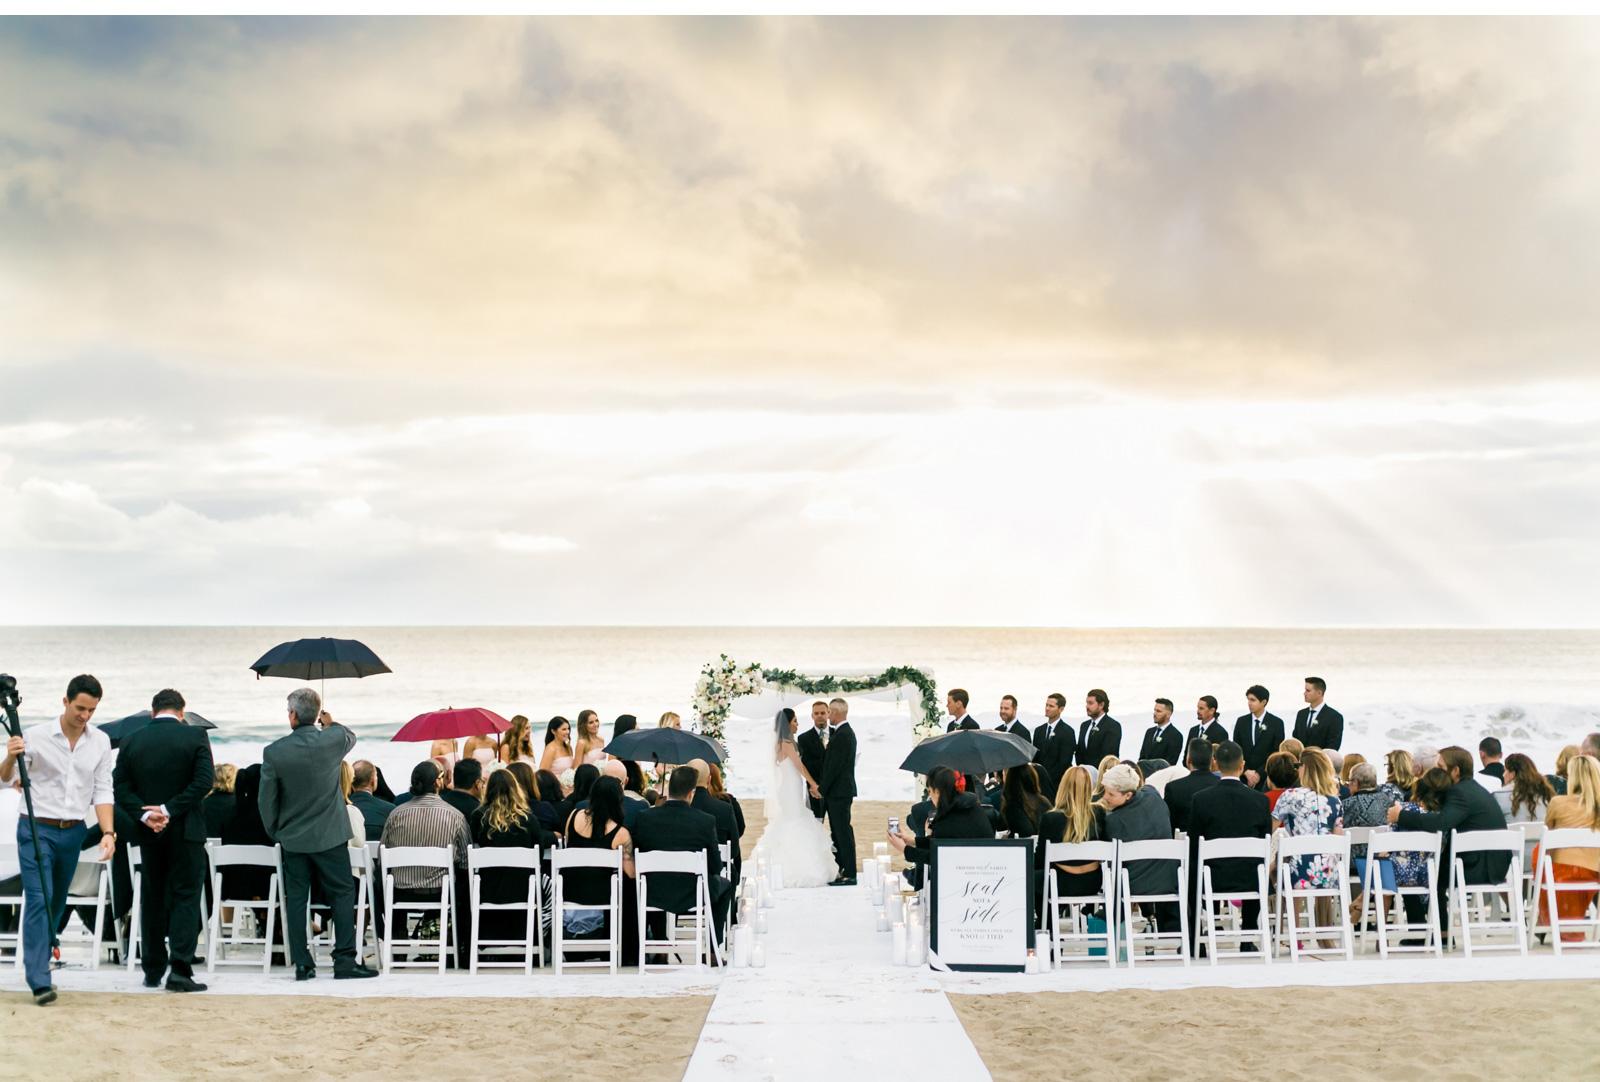 Southern-California-Fine-Art-Wedding-Photographer-Natalie-Schutt-Photography_04.jpg